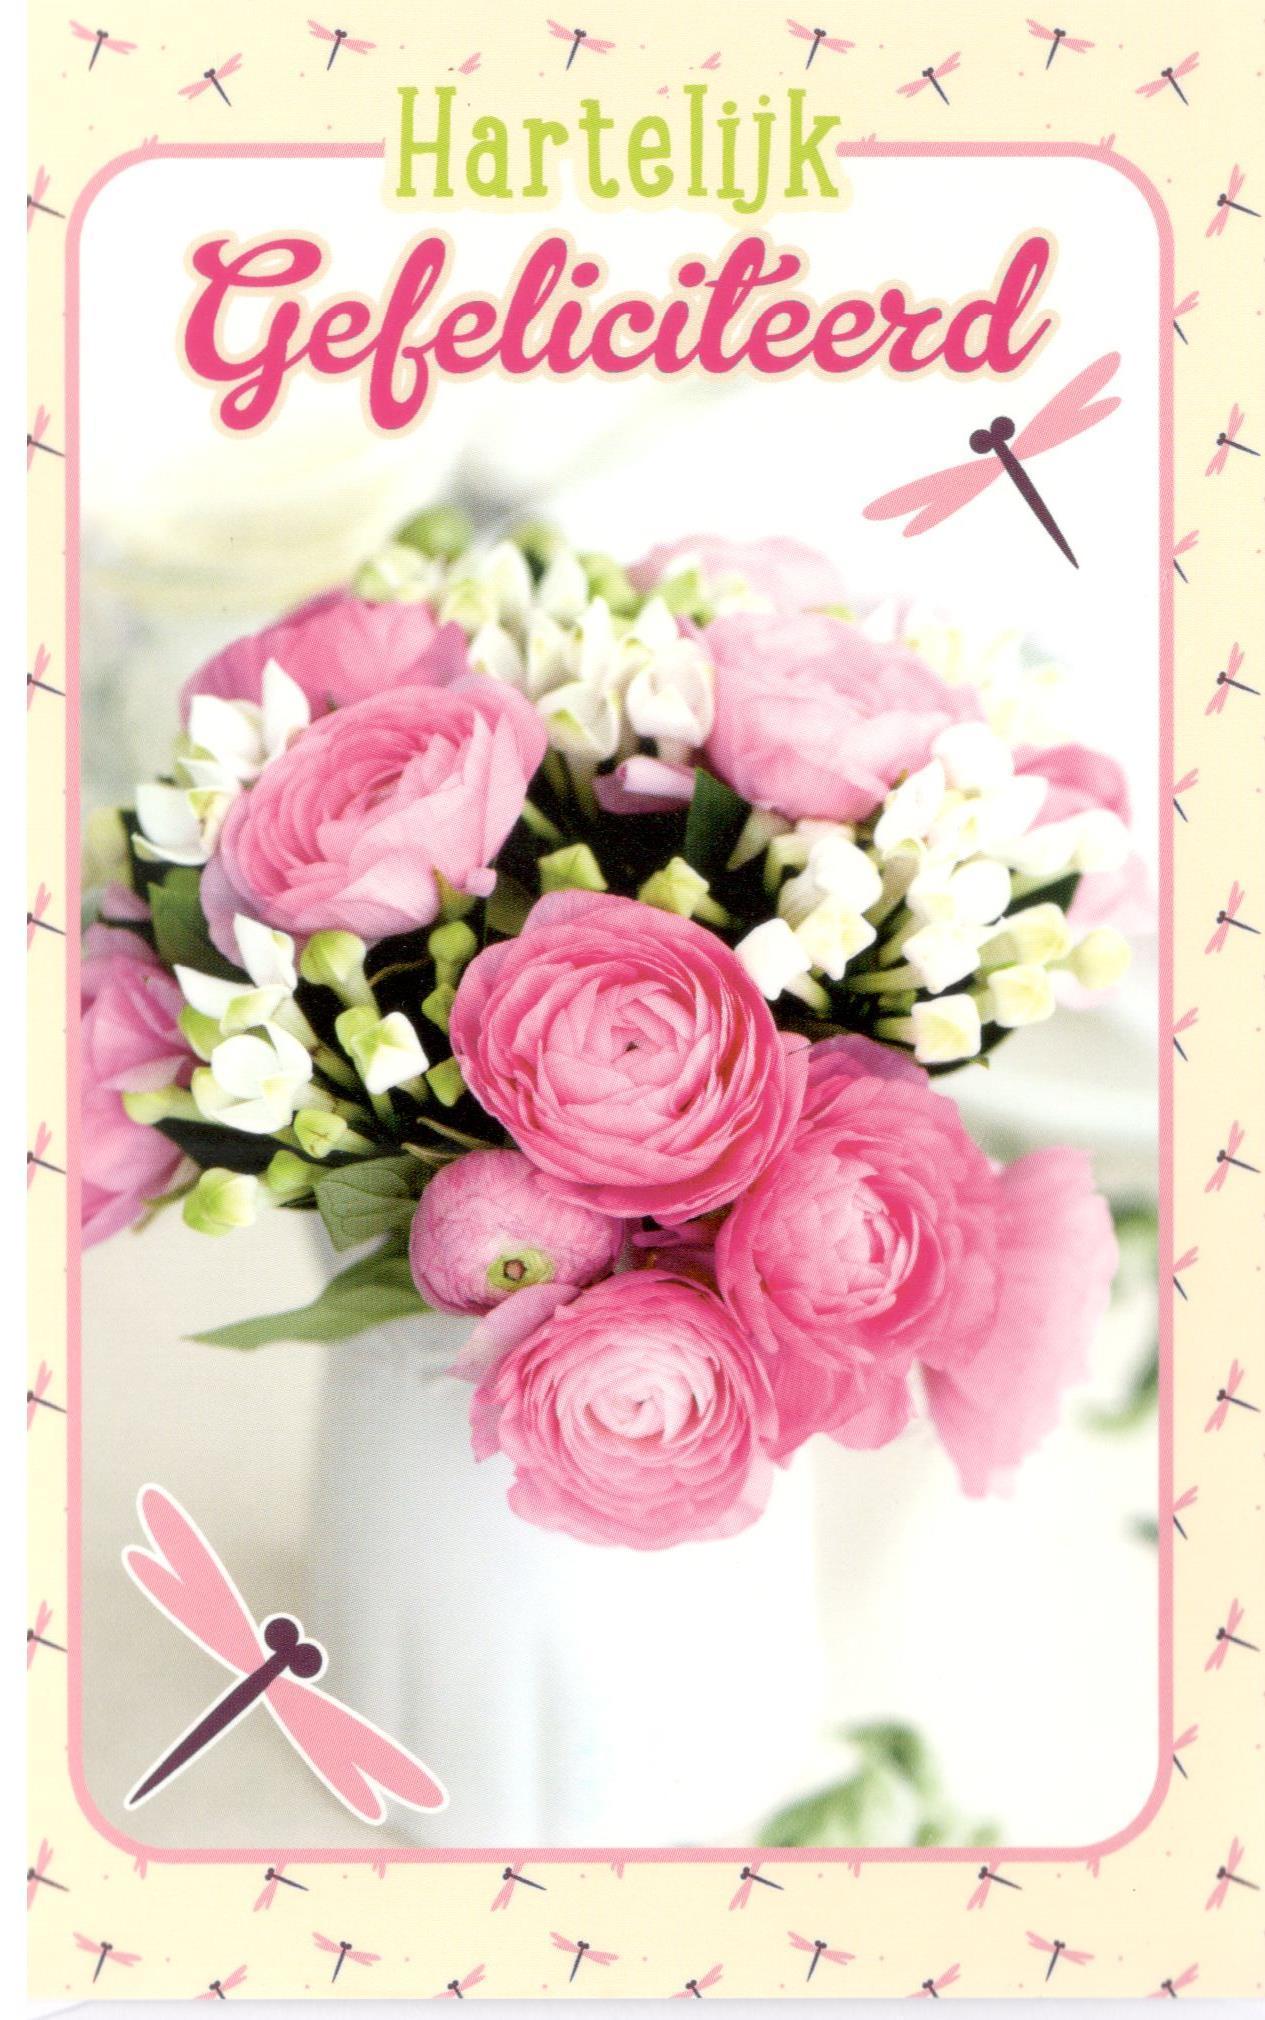 gefeliciteerd bloemen foto